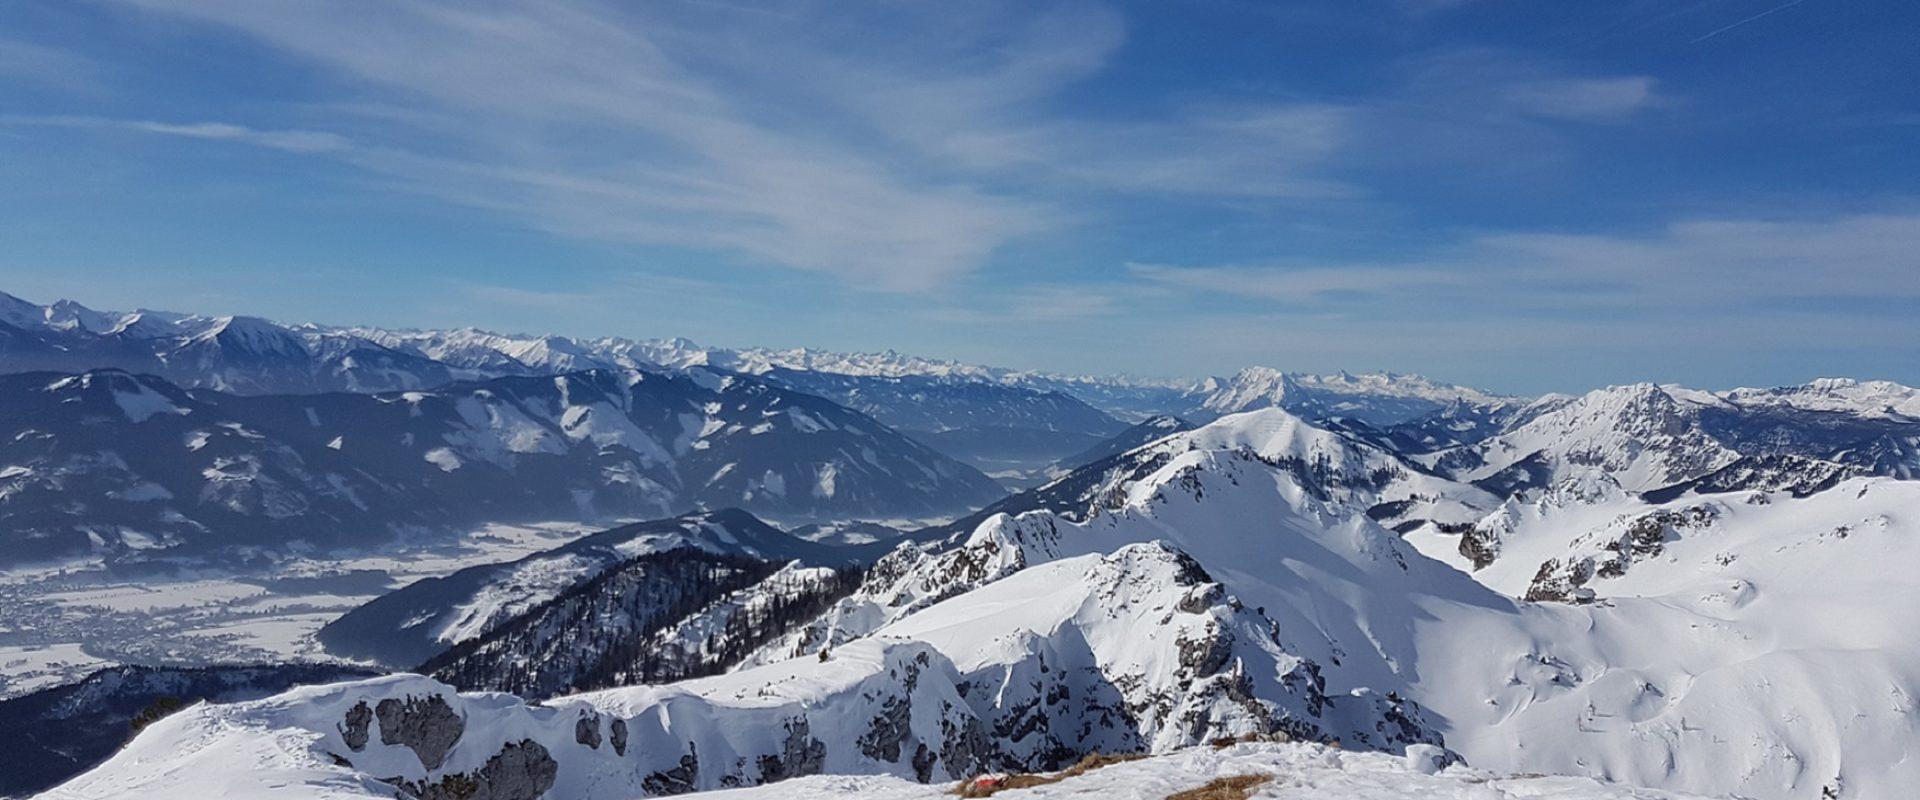 Grabnerstein Richtung Westen Privatzimmer Gassner Ferienwohnungen Nationalpark Gesäuse Winter nördlich der Enns Haus Gassner Skitour